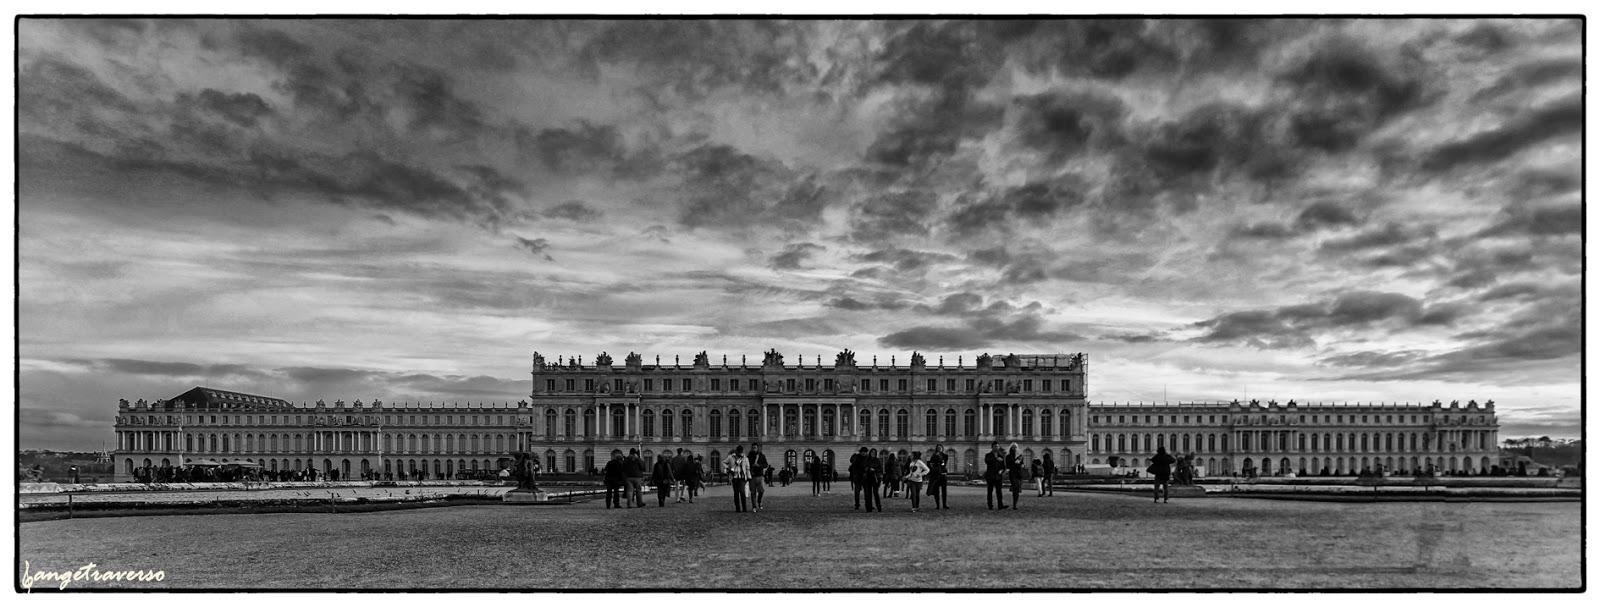 Hiver, nouvel an à Versailles, France